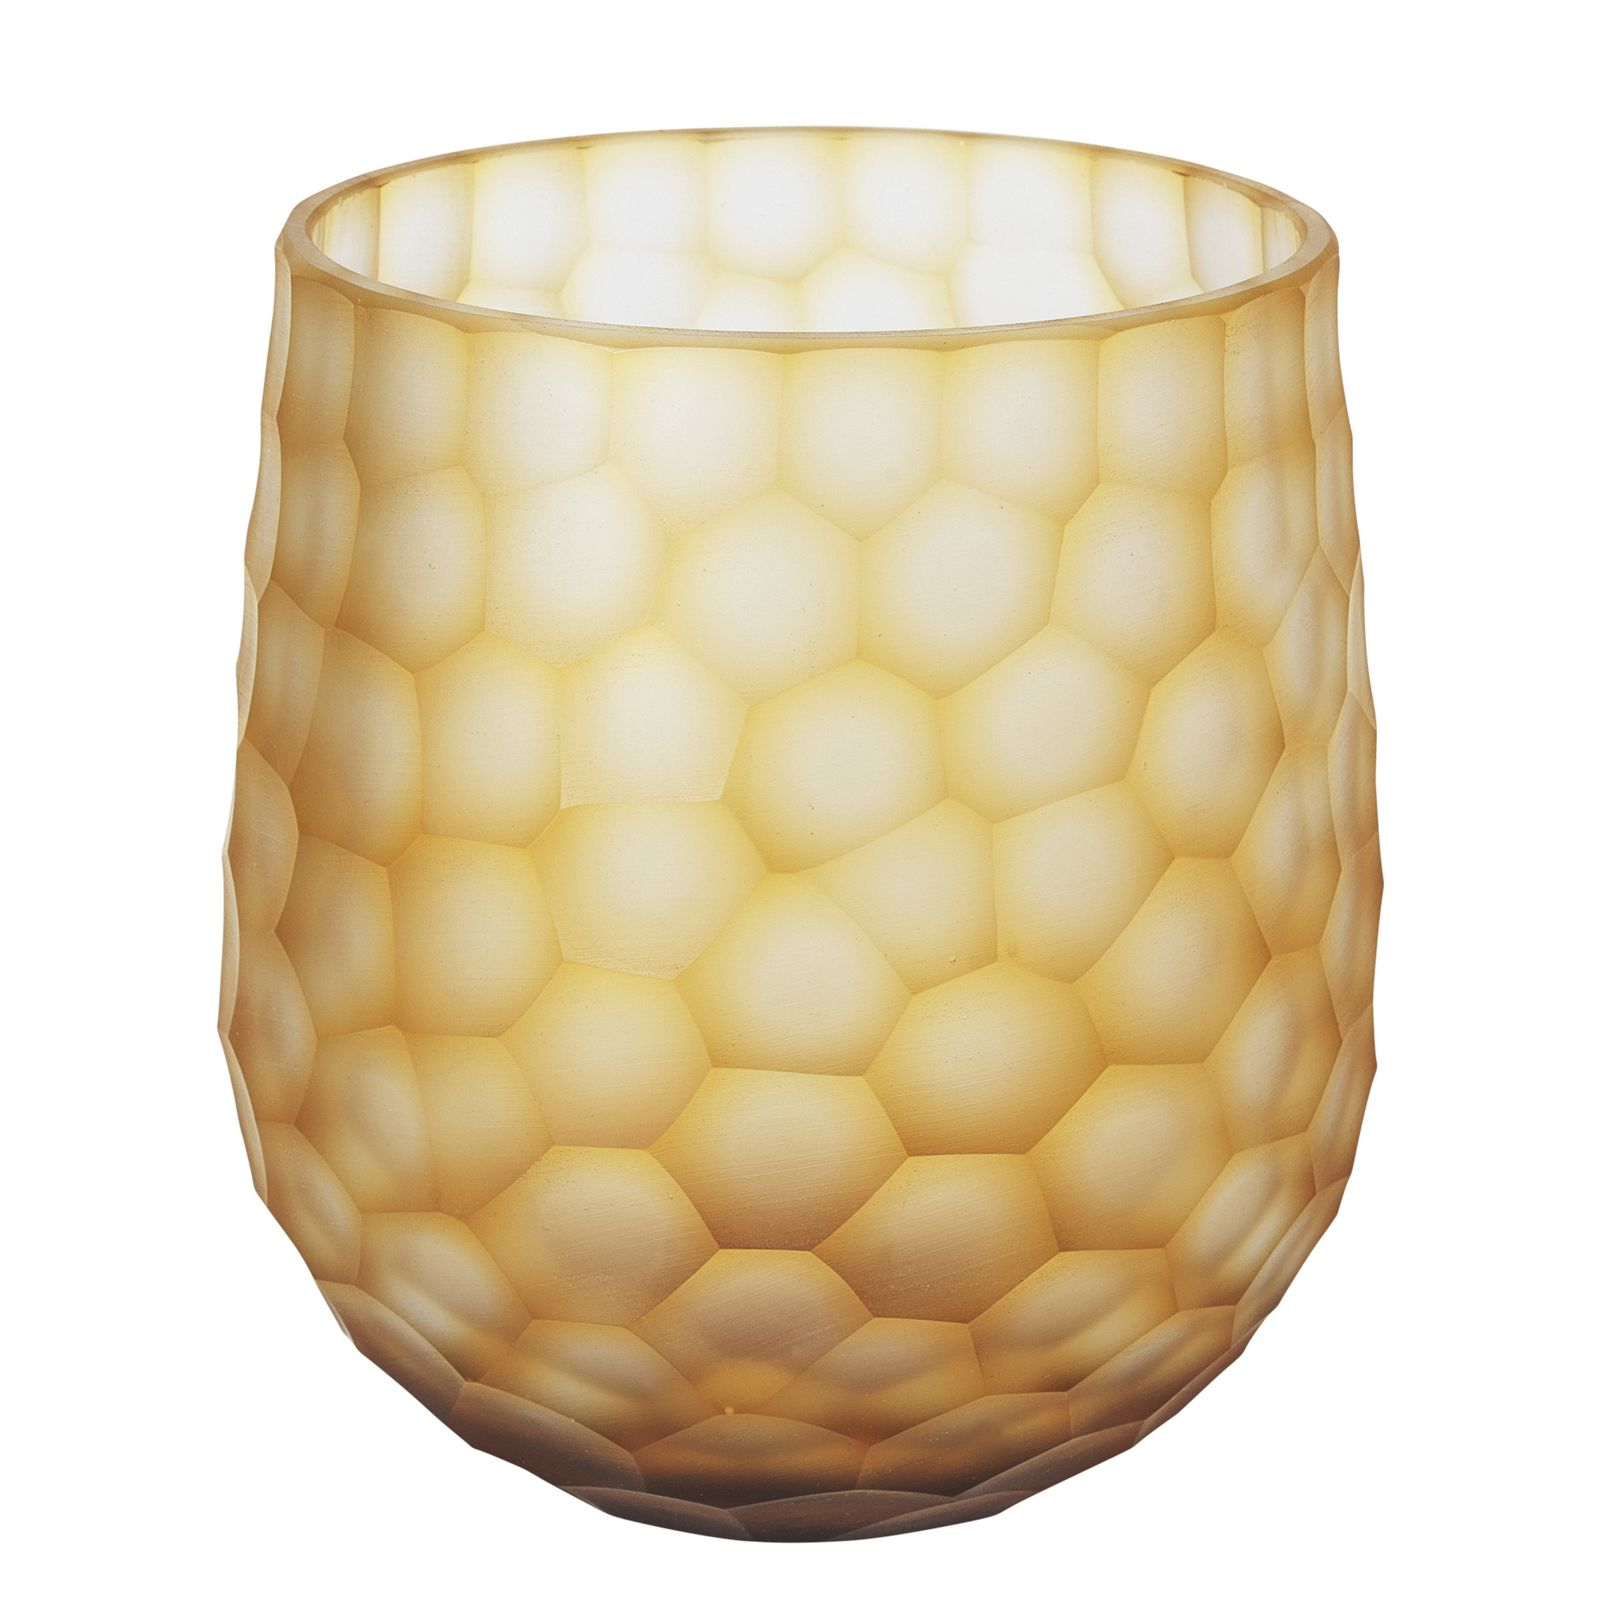 Ваза Broste Cully, цвет: желтый, высота 17 см. 14471042